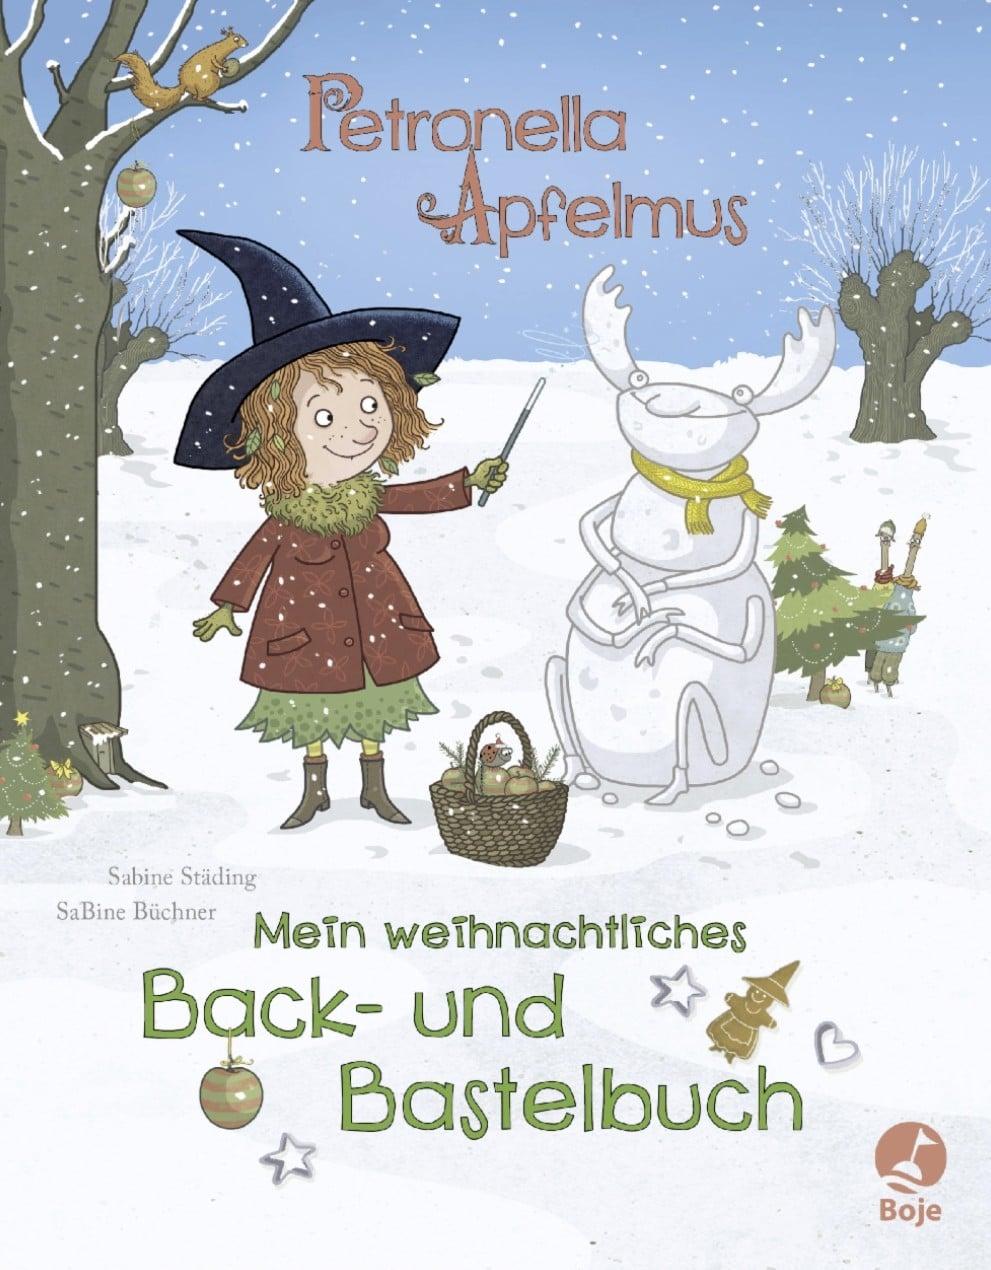 Petronella Apfelmus – Mein weihnachtliches Back- und Bastelbuch